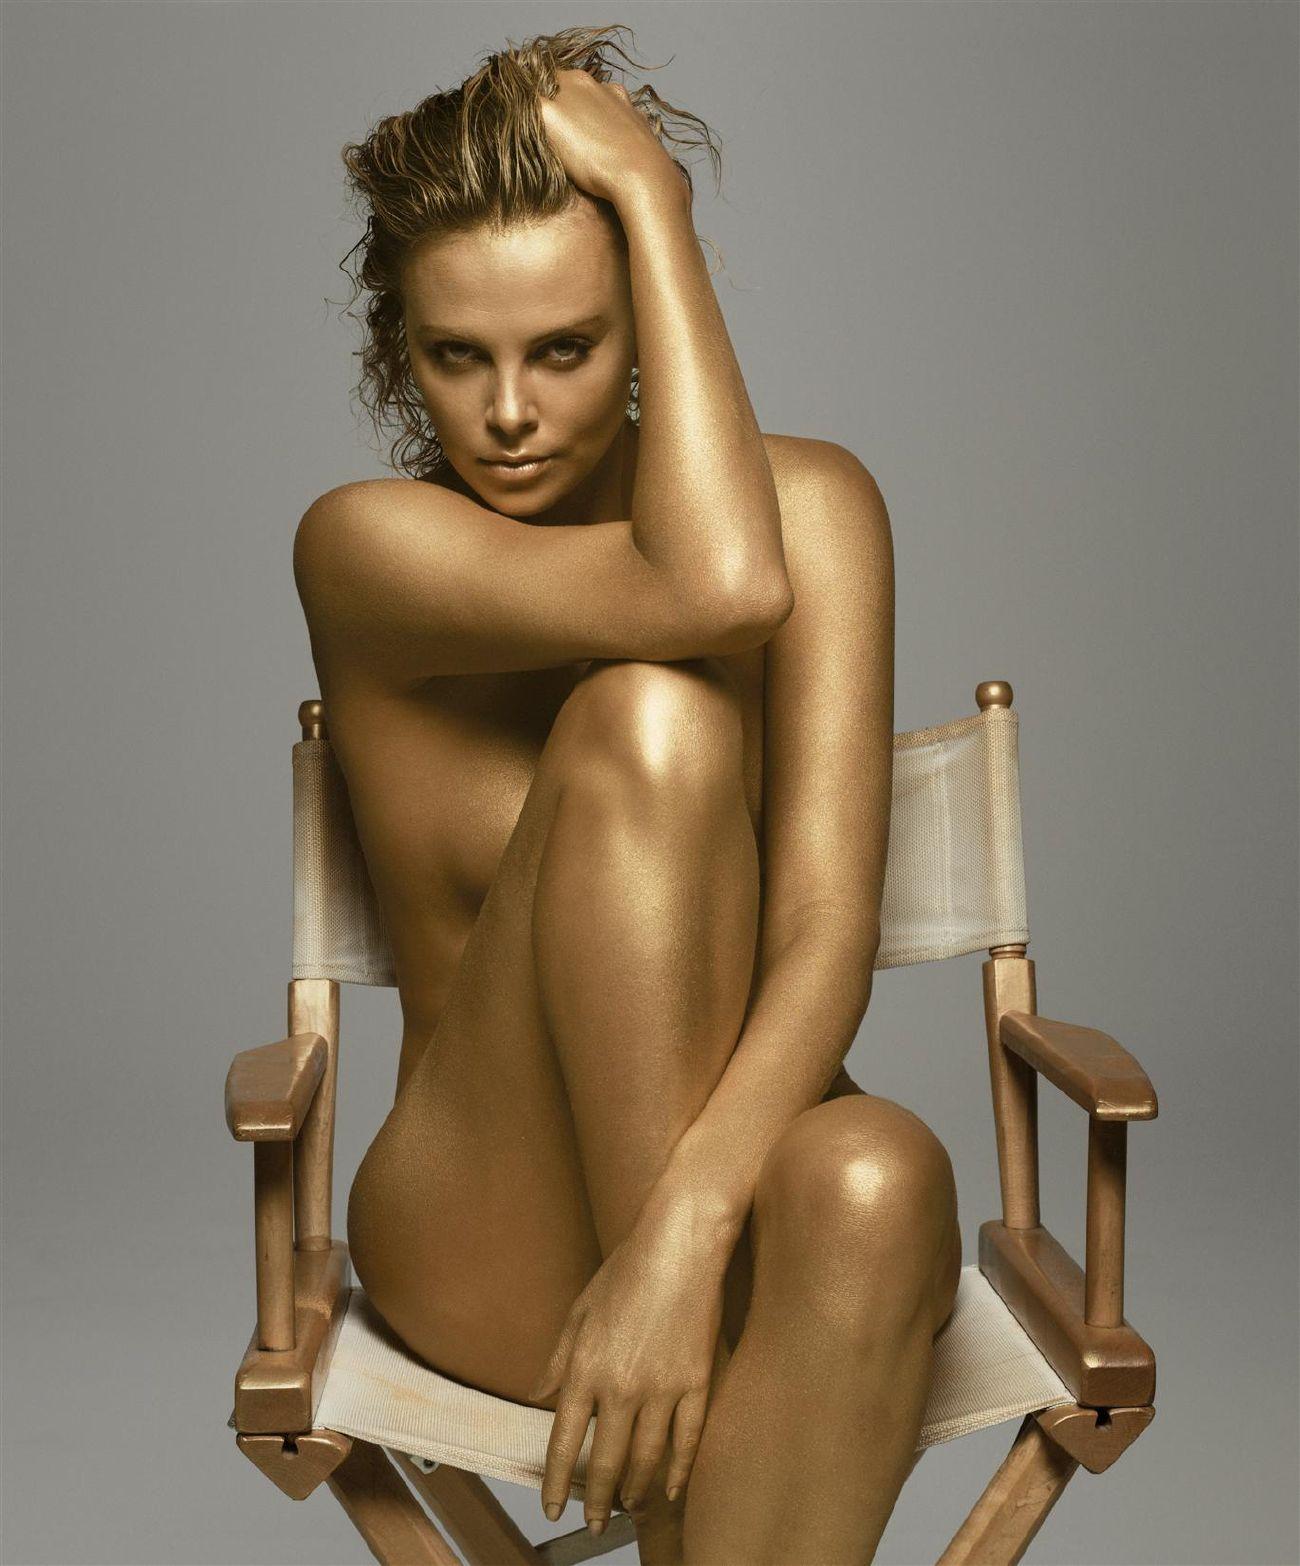 http://4.bp.blogspot.com/-nuu5OzktAzQ/TiKdU9qYAeI/AAAAAAAAAPE/DtL2RdNsM98/s1600/rl_charlize_chair.jpg